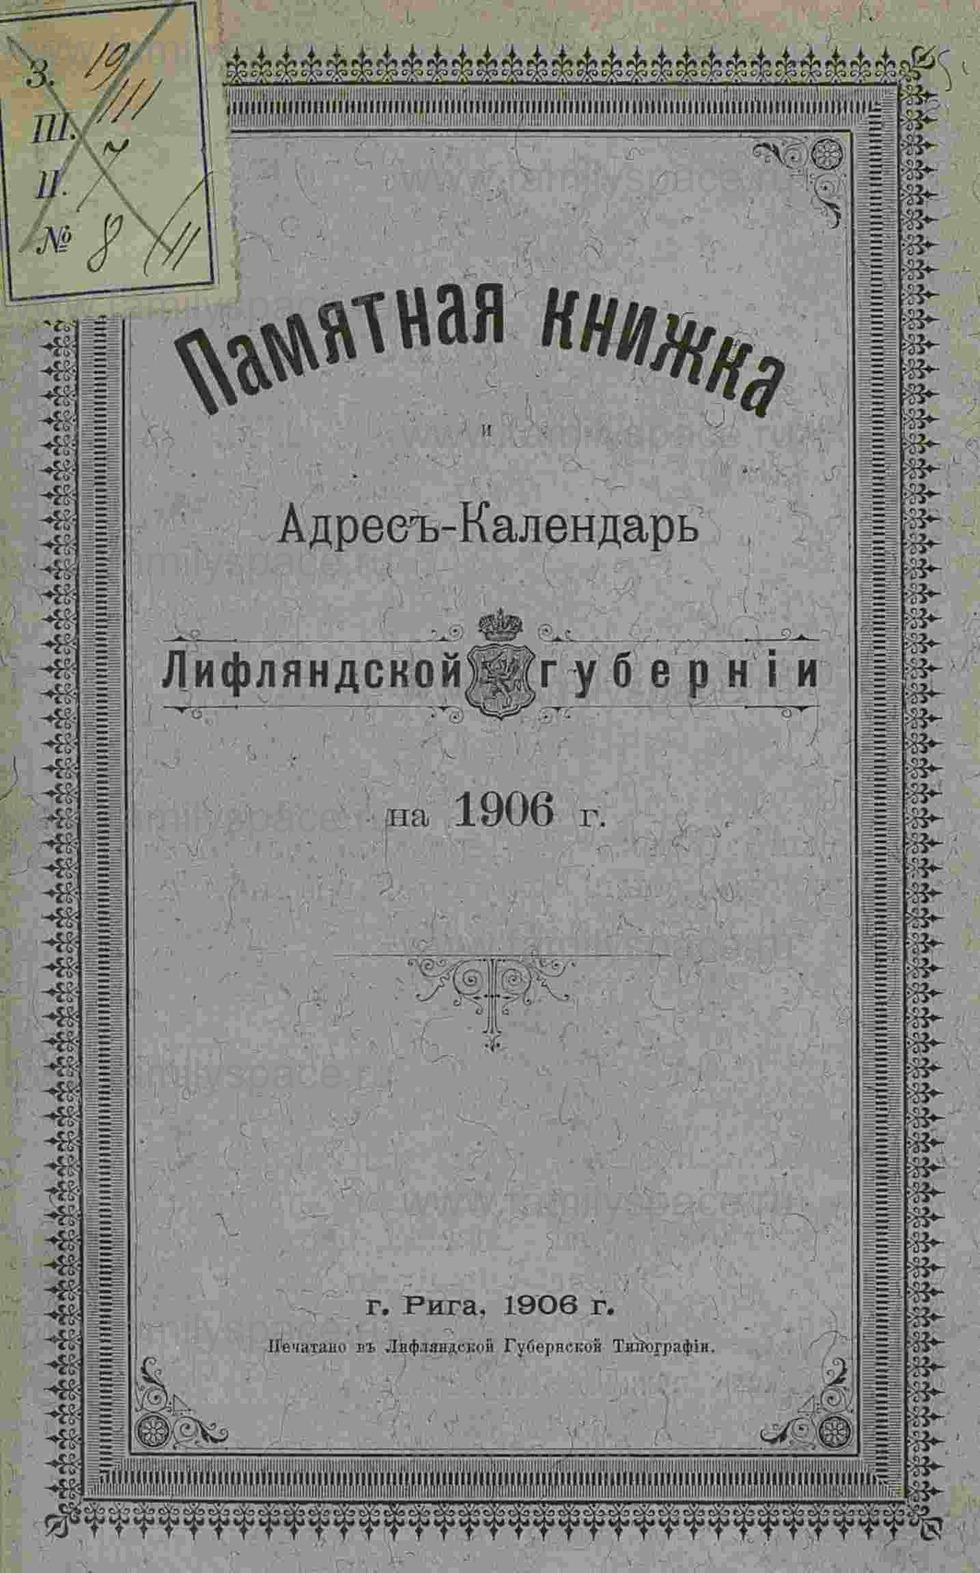 Поиск по фамилии - Памятная книга и адрес-календарь Лифляндской губернии на 1906 г, страница 3